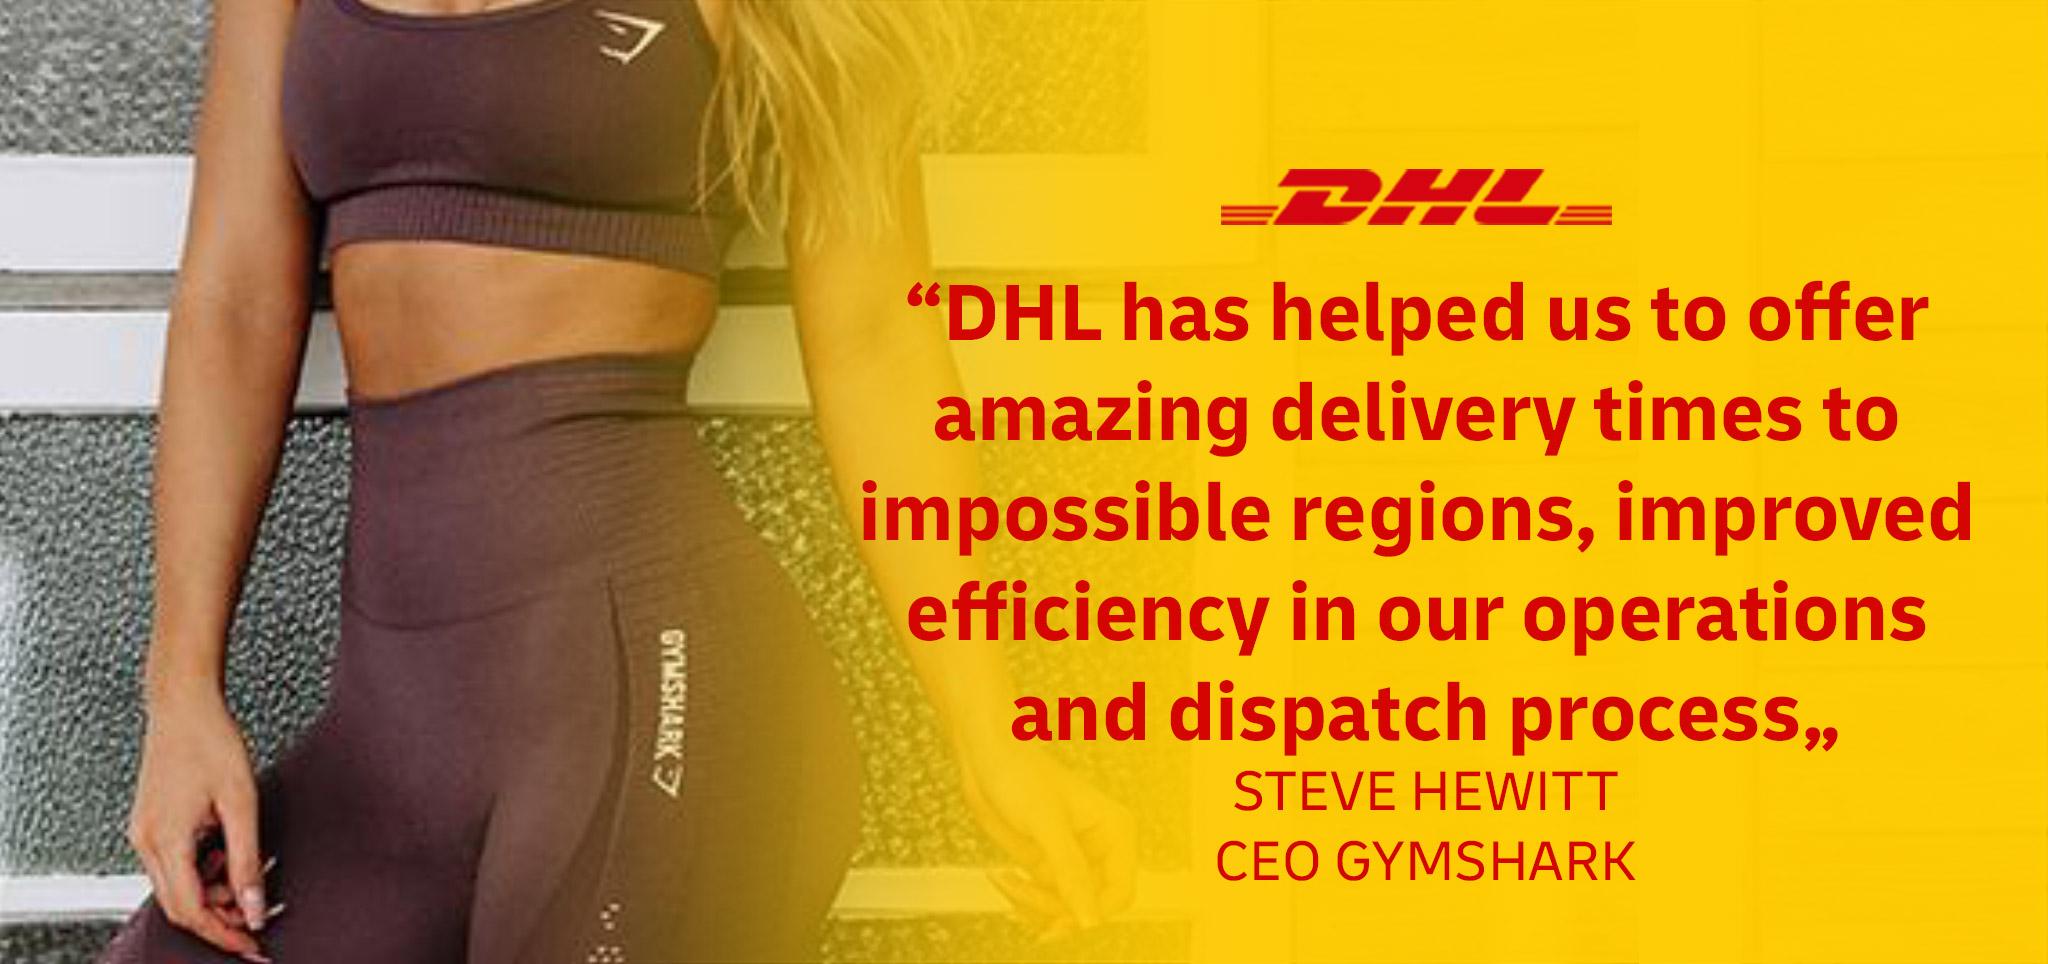 DHL Express & Gymshark testimonial